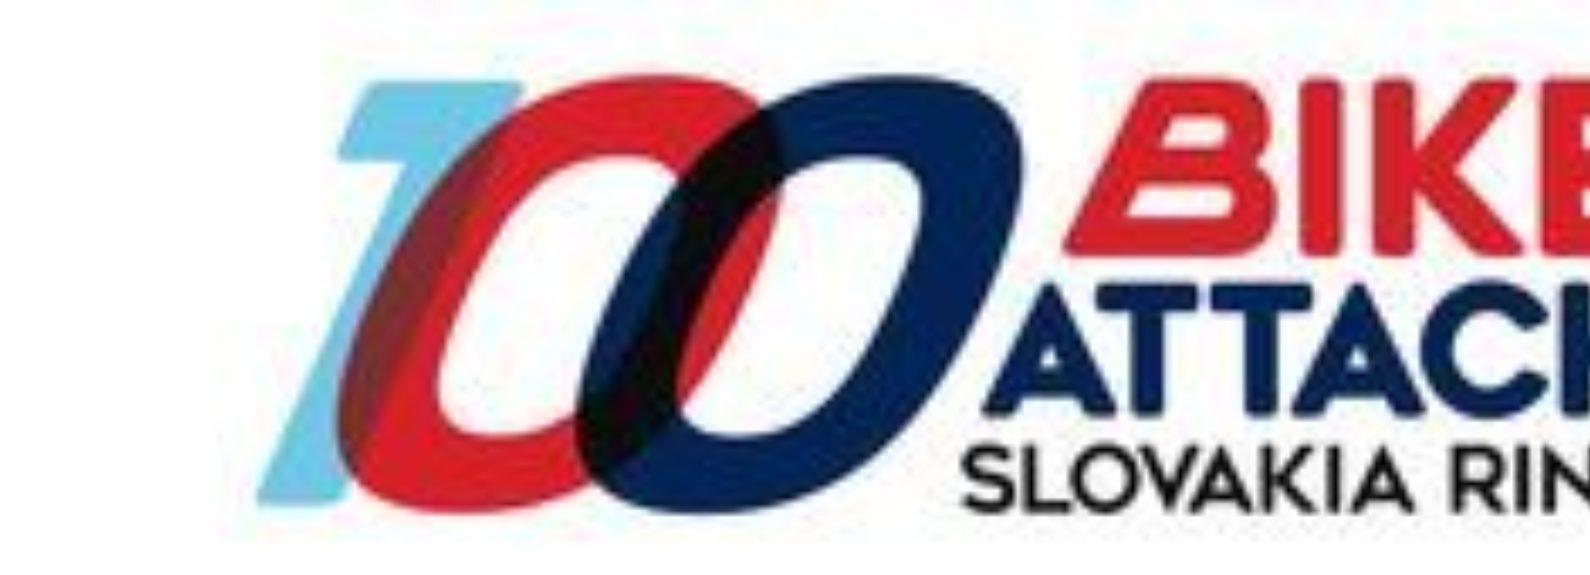 Csm bike attack100 logo 41d09a16b9